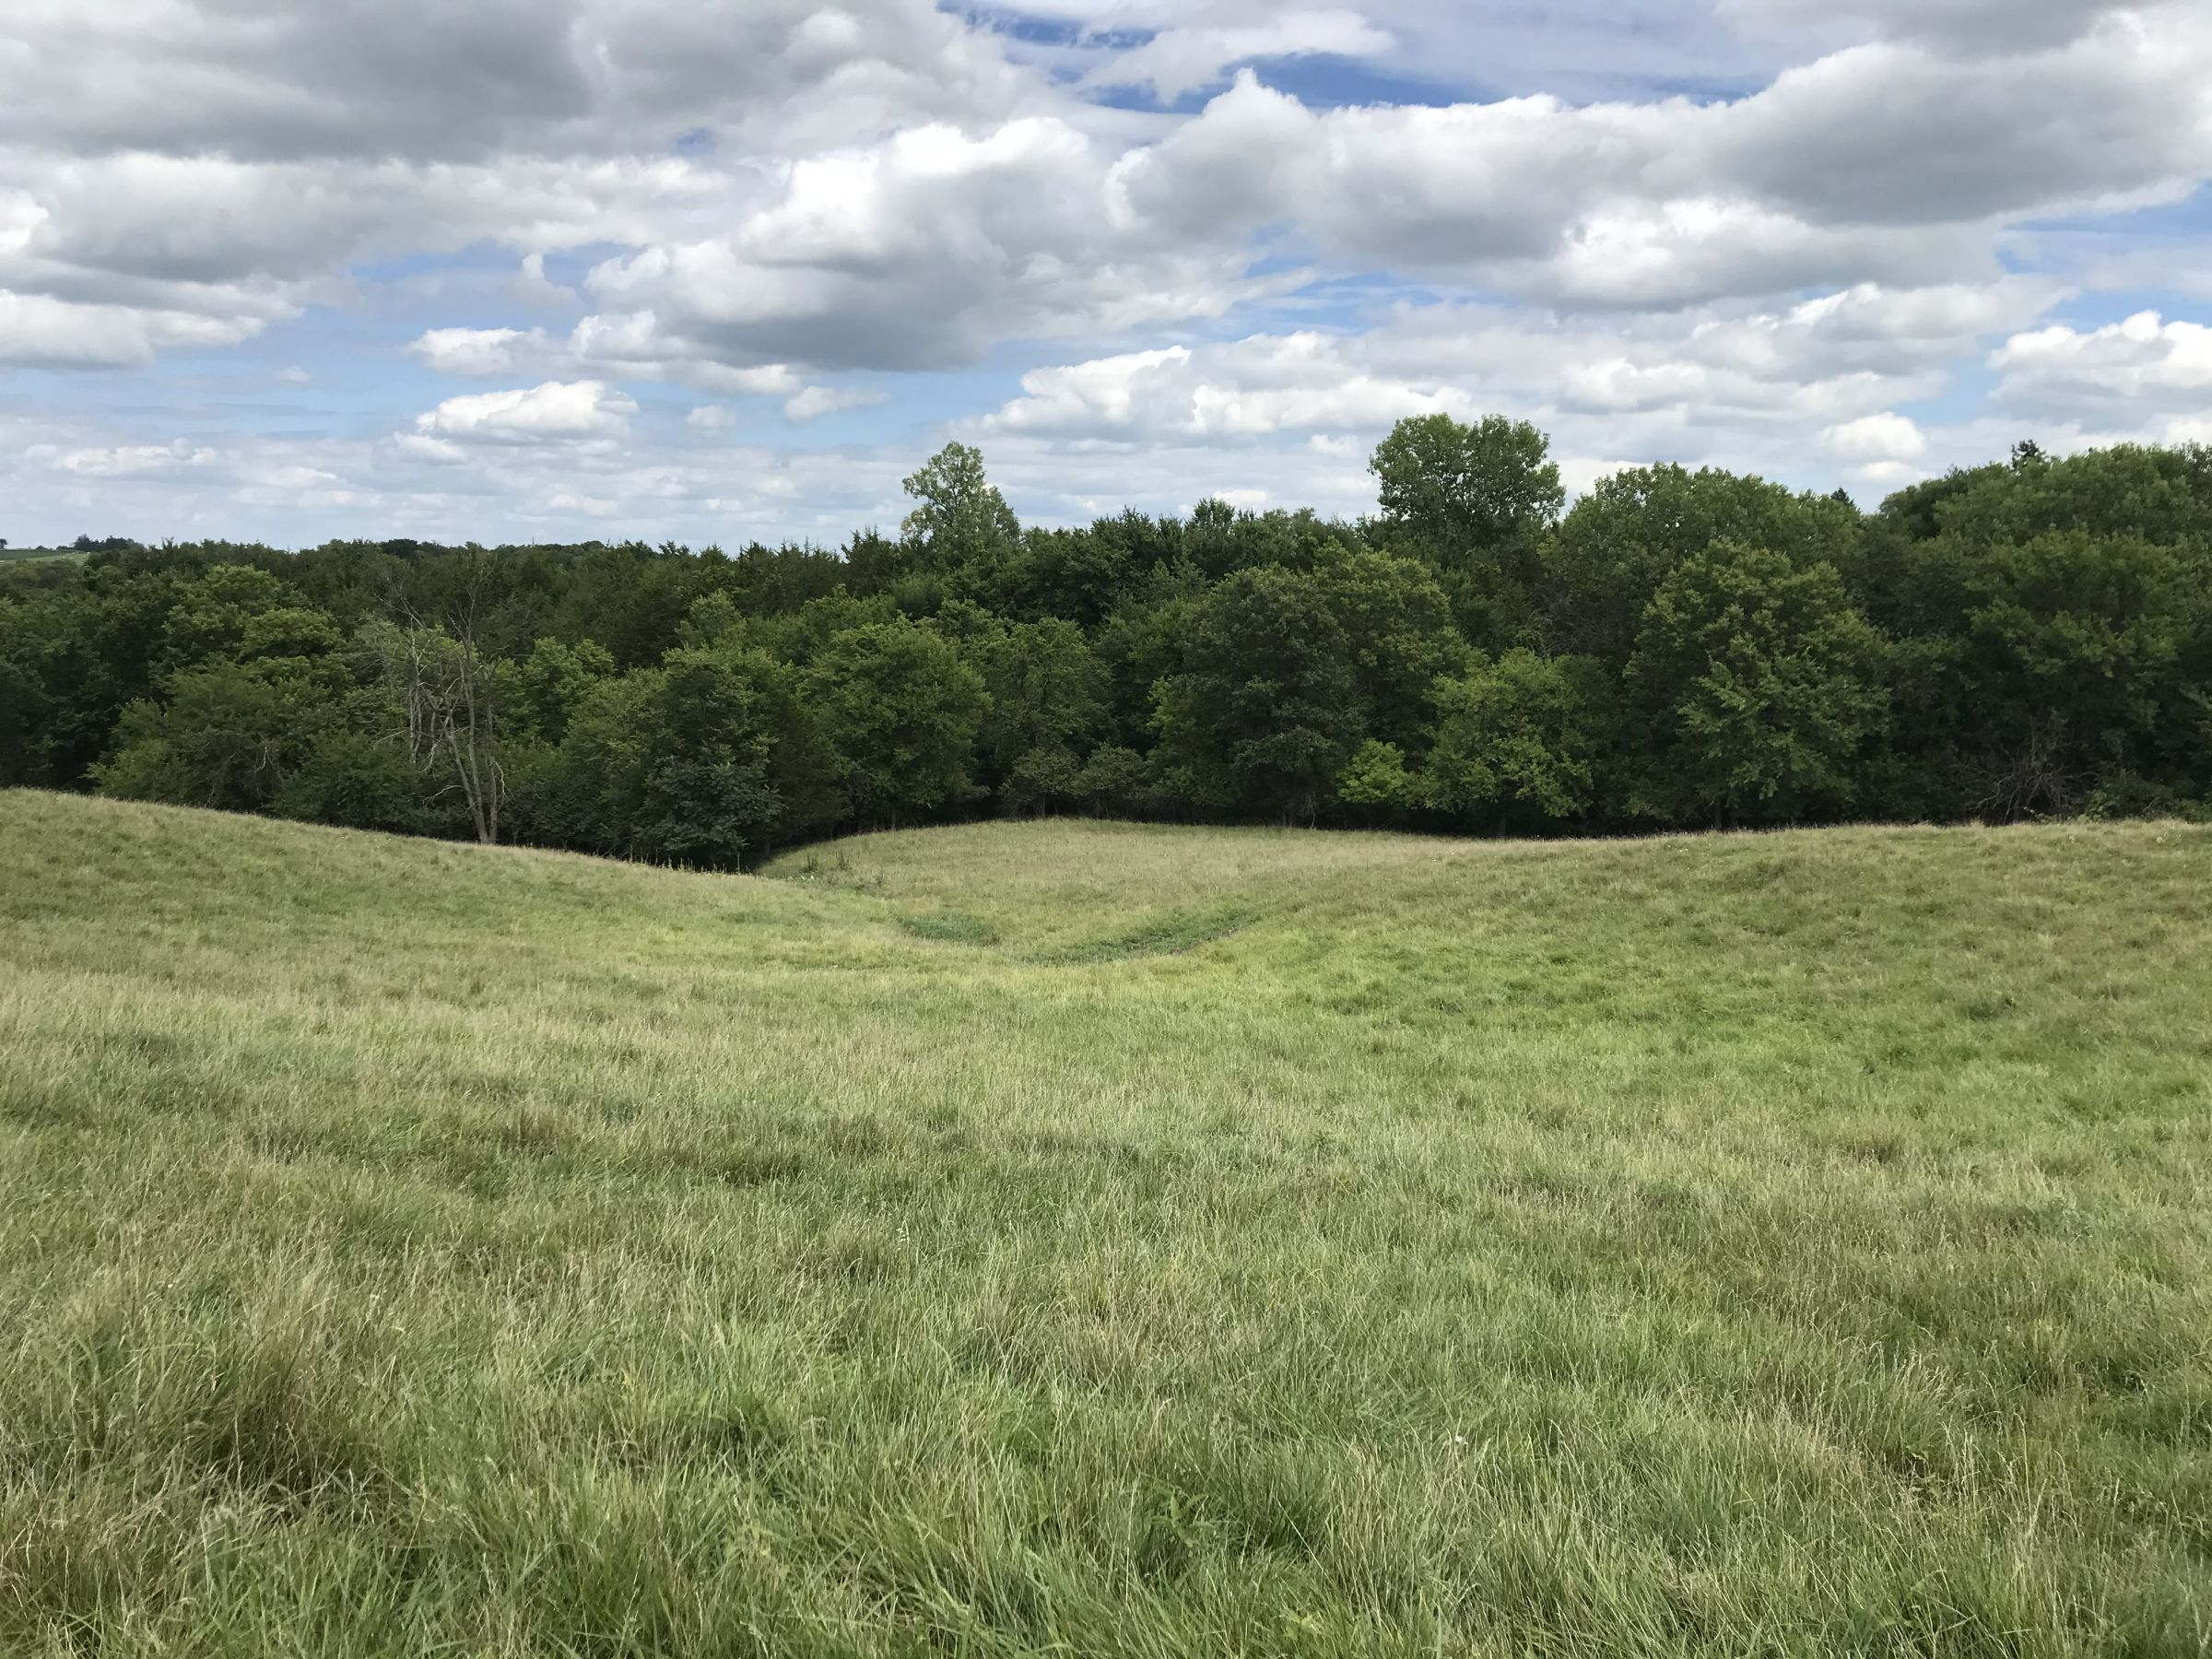 warren-county-iowa-0-acres-listing-number-15104-11-2020-08-05-204958.JPG